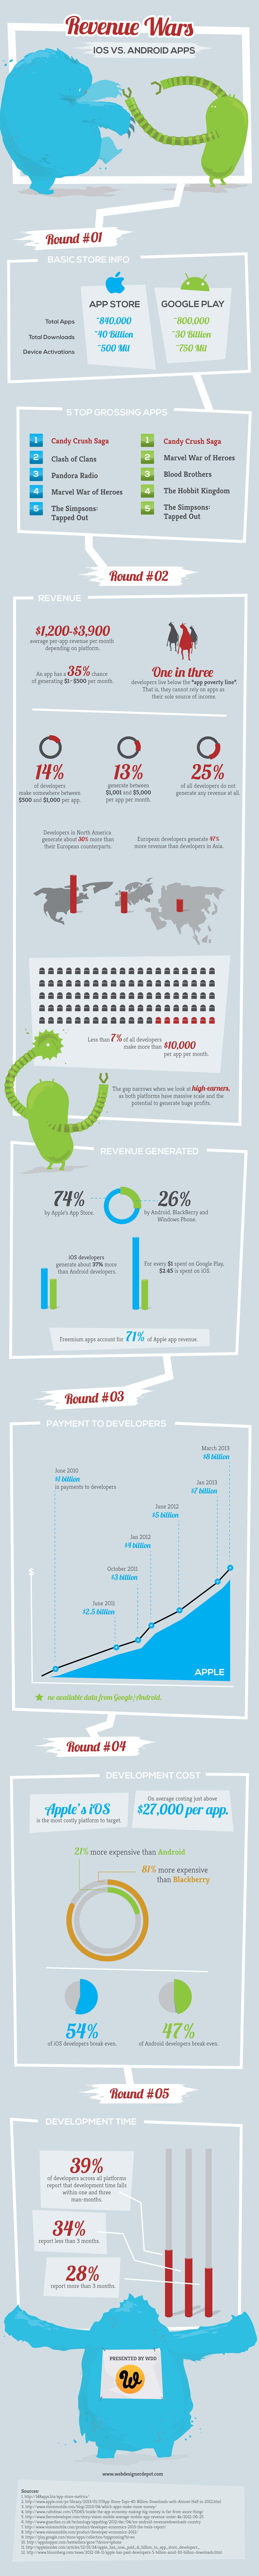 Infografía: iOS vs Android, la batalla de las apps